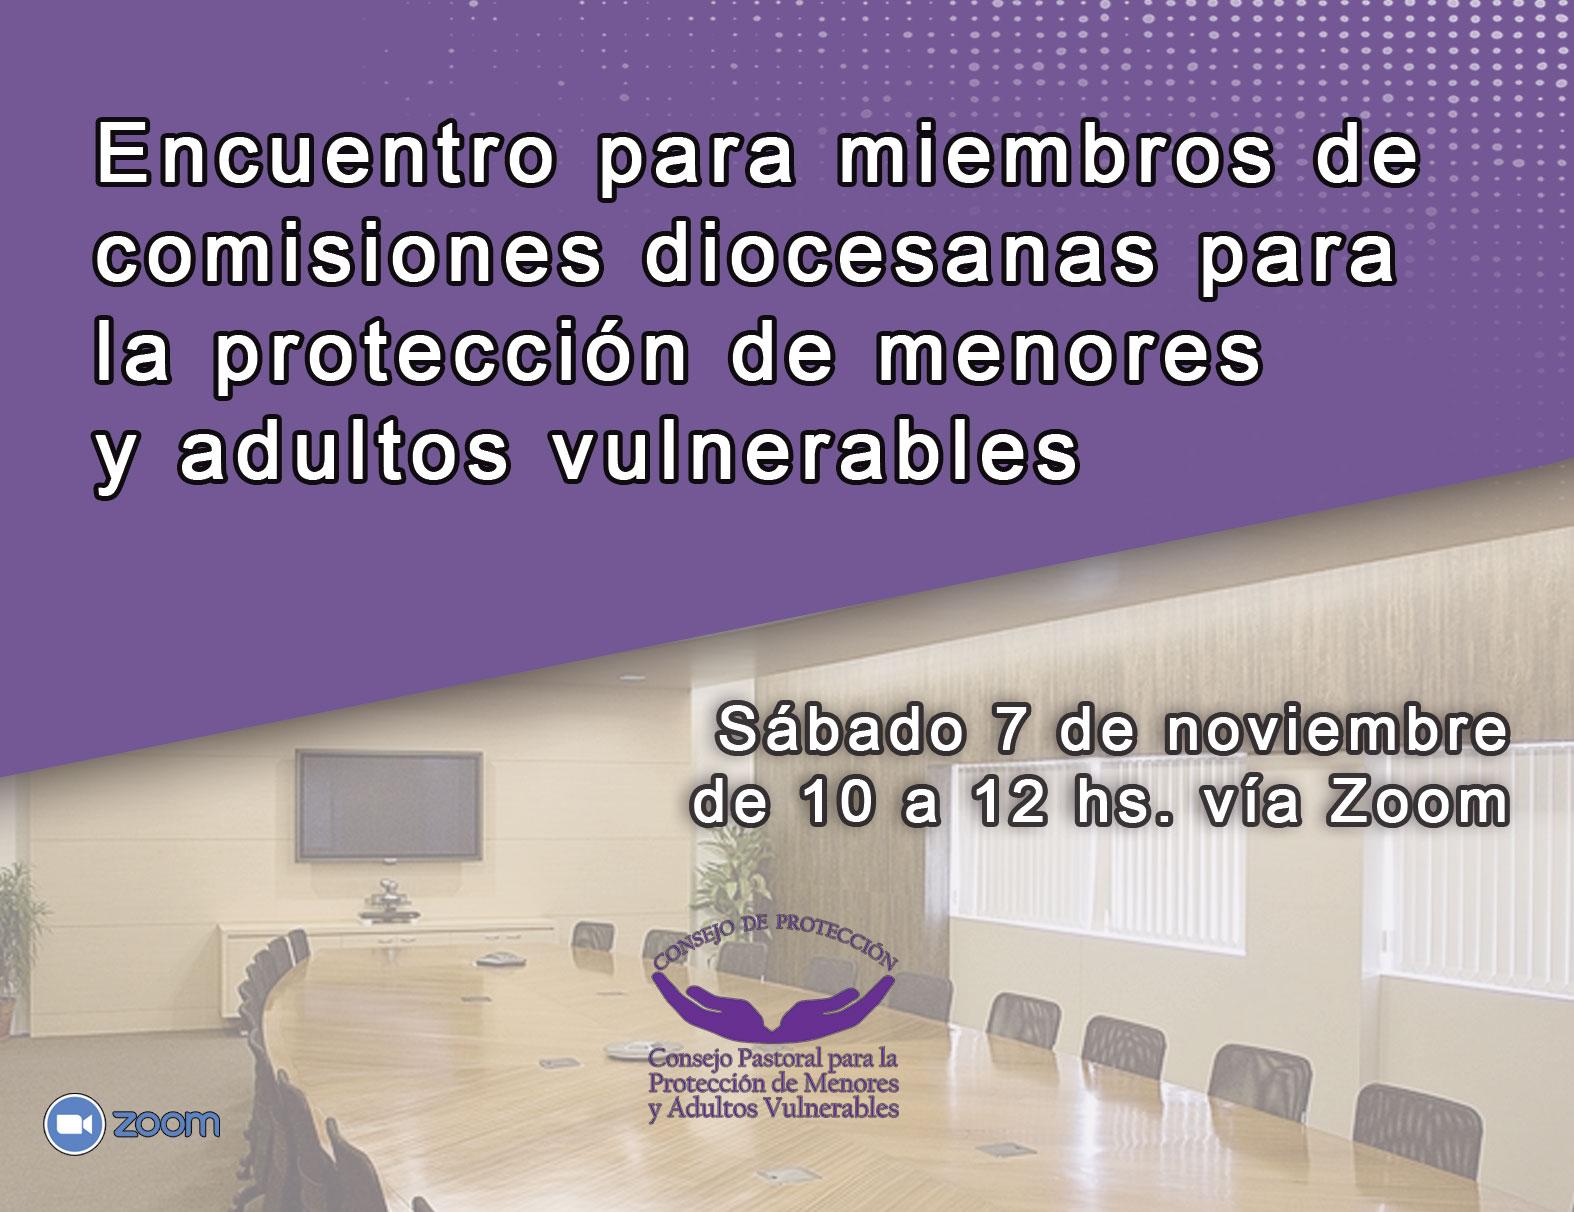 Encuentro para miembros de comisiones diocesanas para la protección de menores y adultos vulnerables